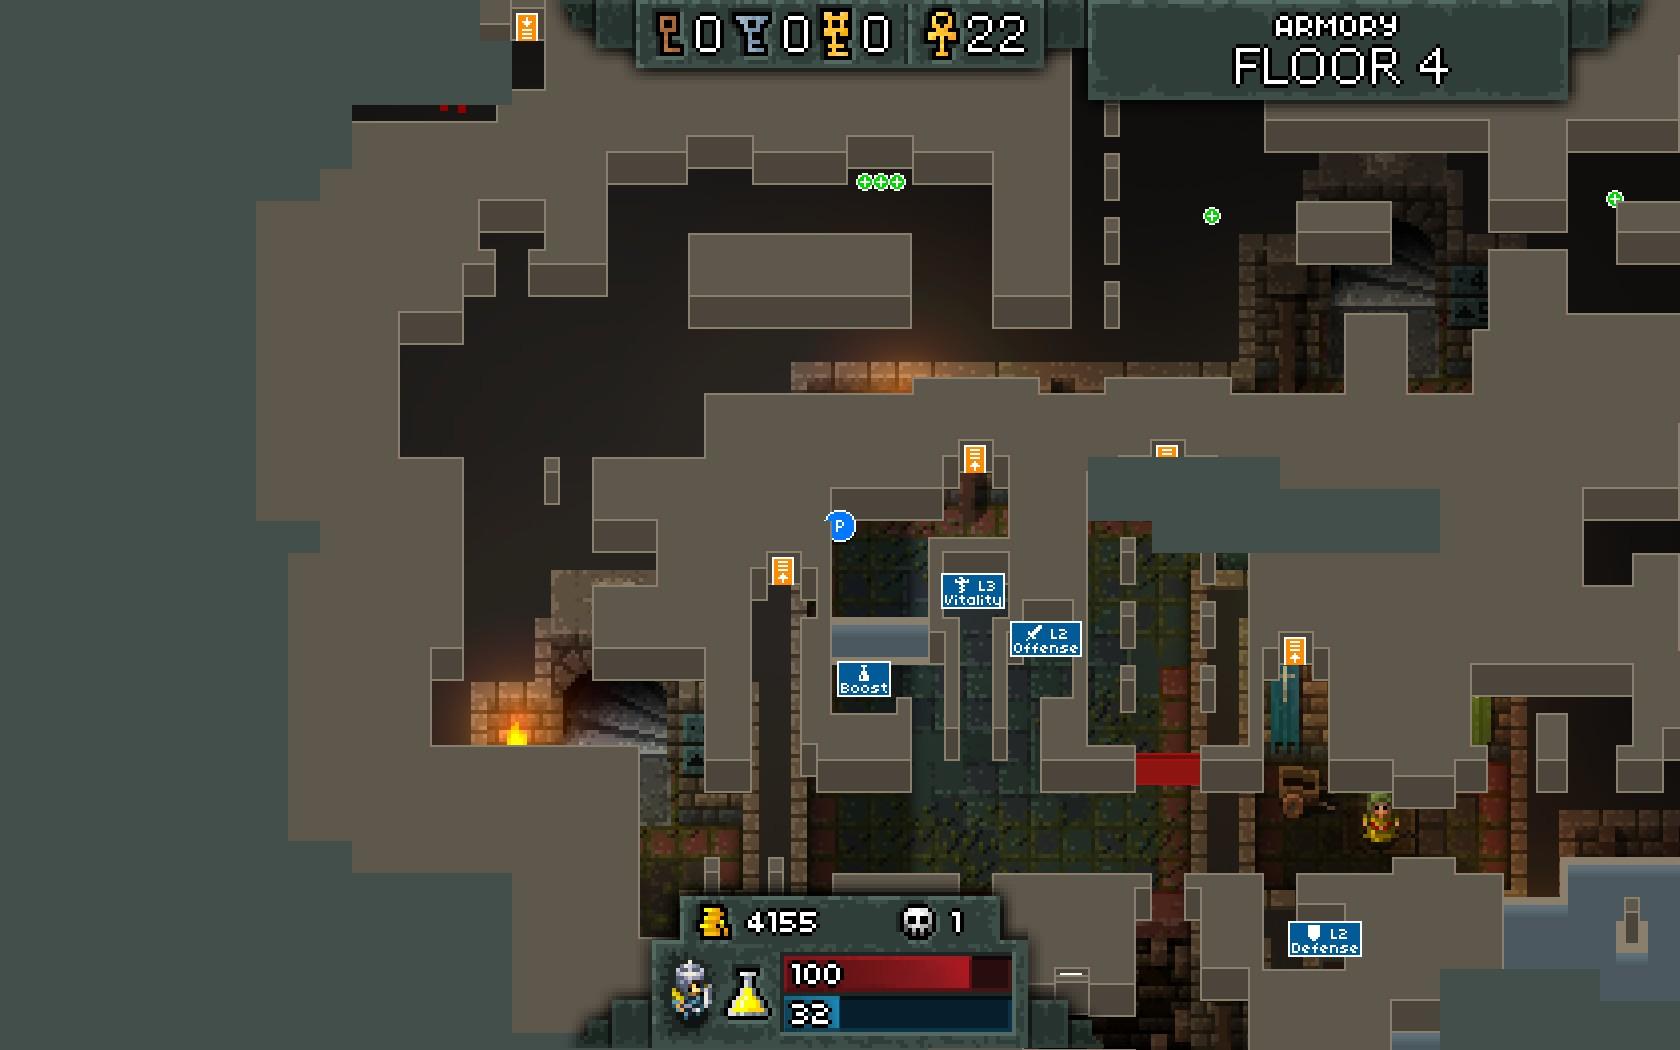 Steam community guide all secrets for Floor 4 mini boss map